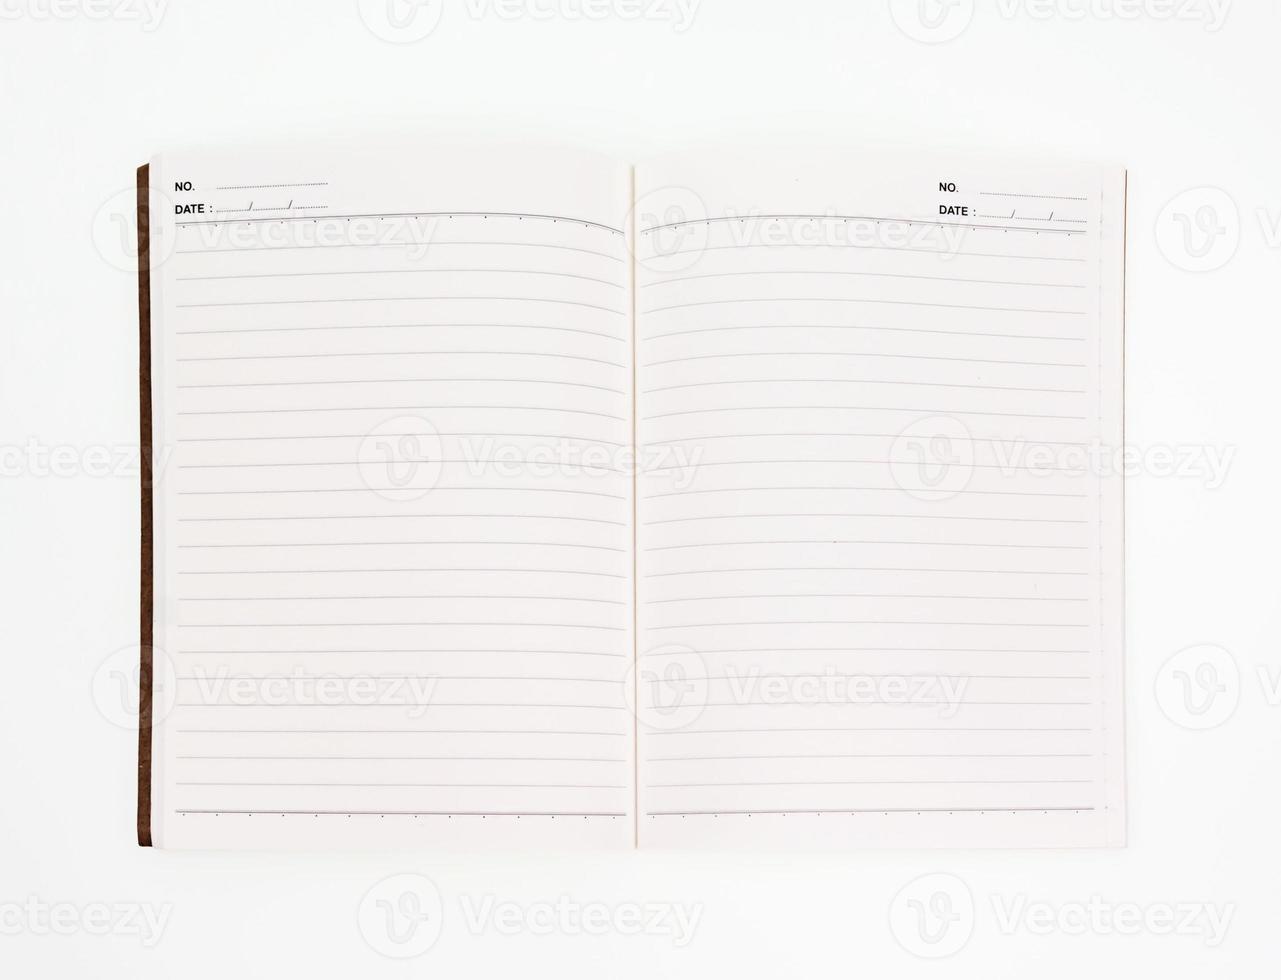 Notizbuch auf weißem Hintergrund öffnen foto